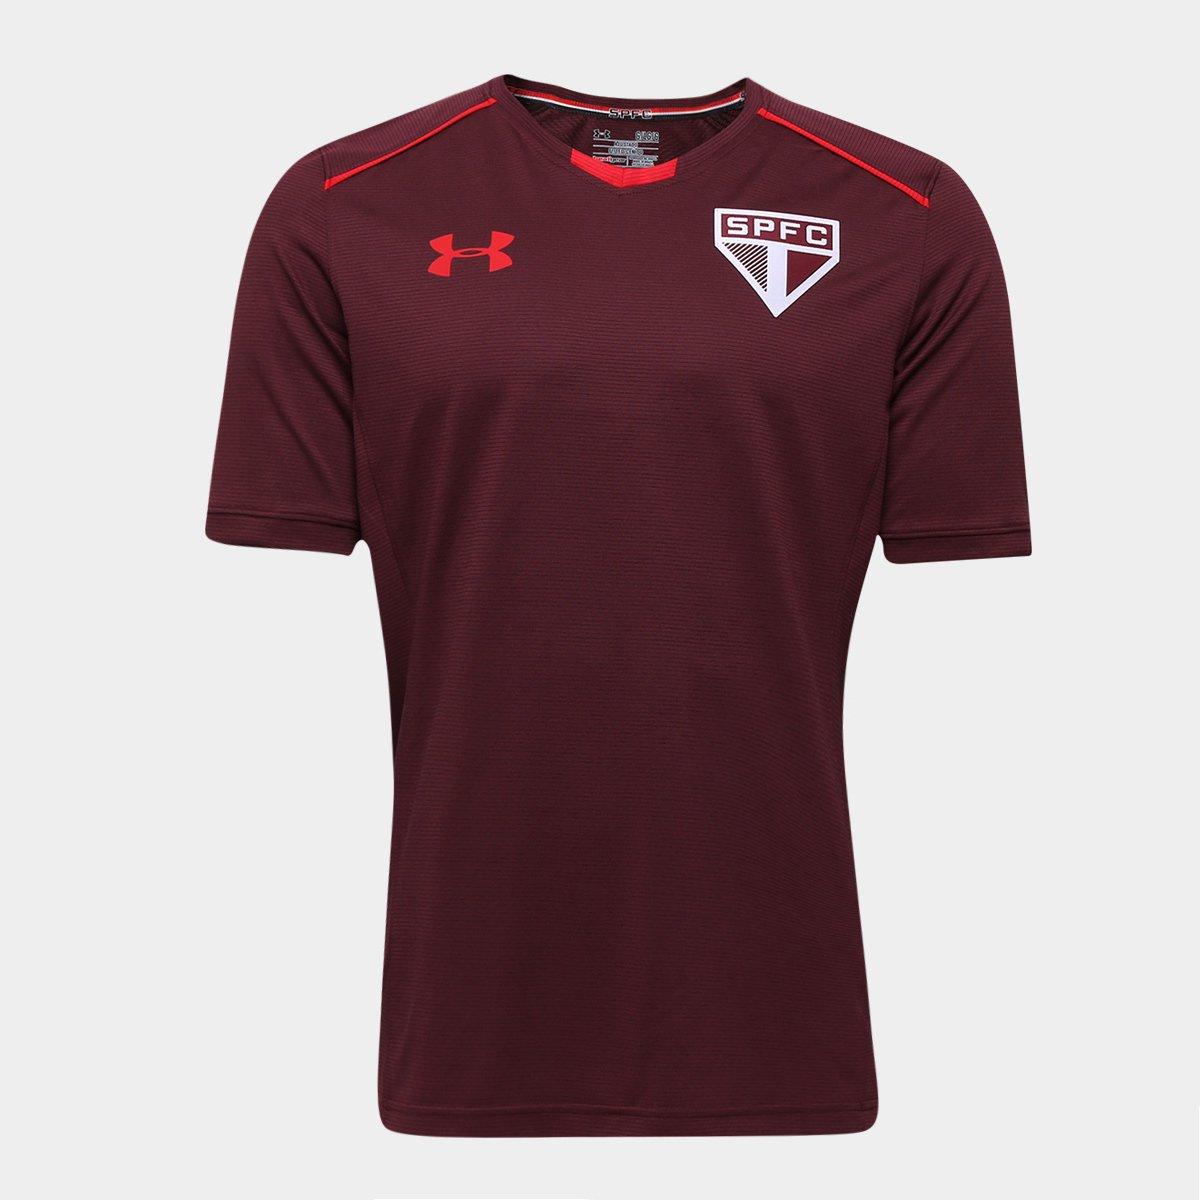 979c1e9030e Camisa de Treino São Paulo 17 18 Under Armour Masculina - Bordô - Compre  Agora